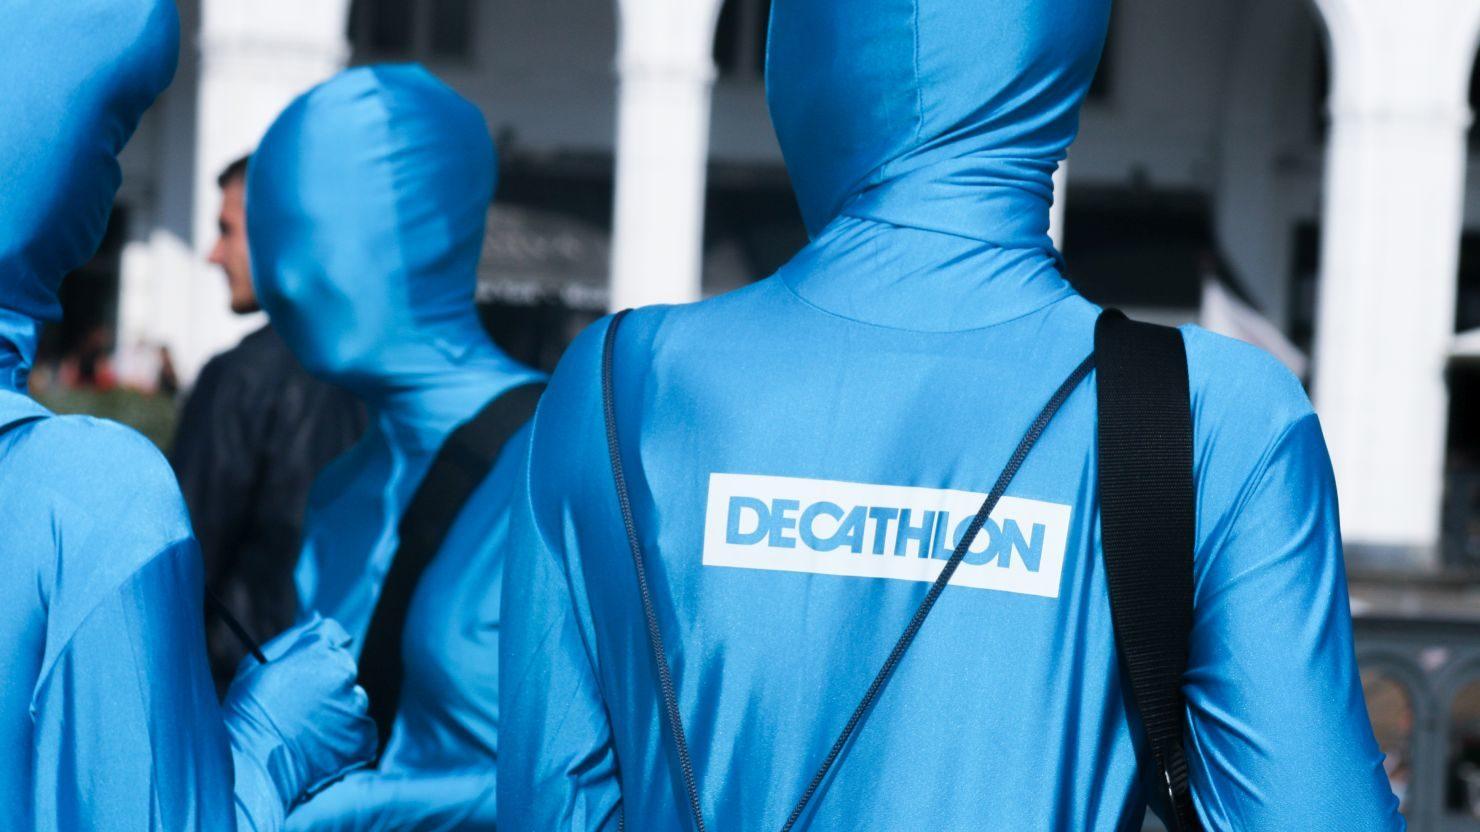 Promotionaktion in Morphsuits für Decathlon